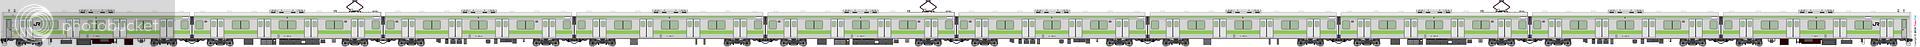 鐵路列車 1976